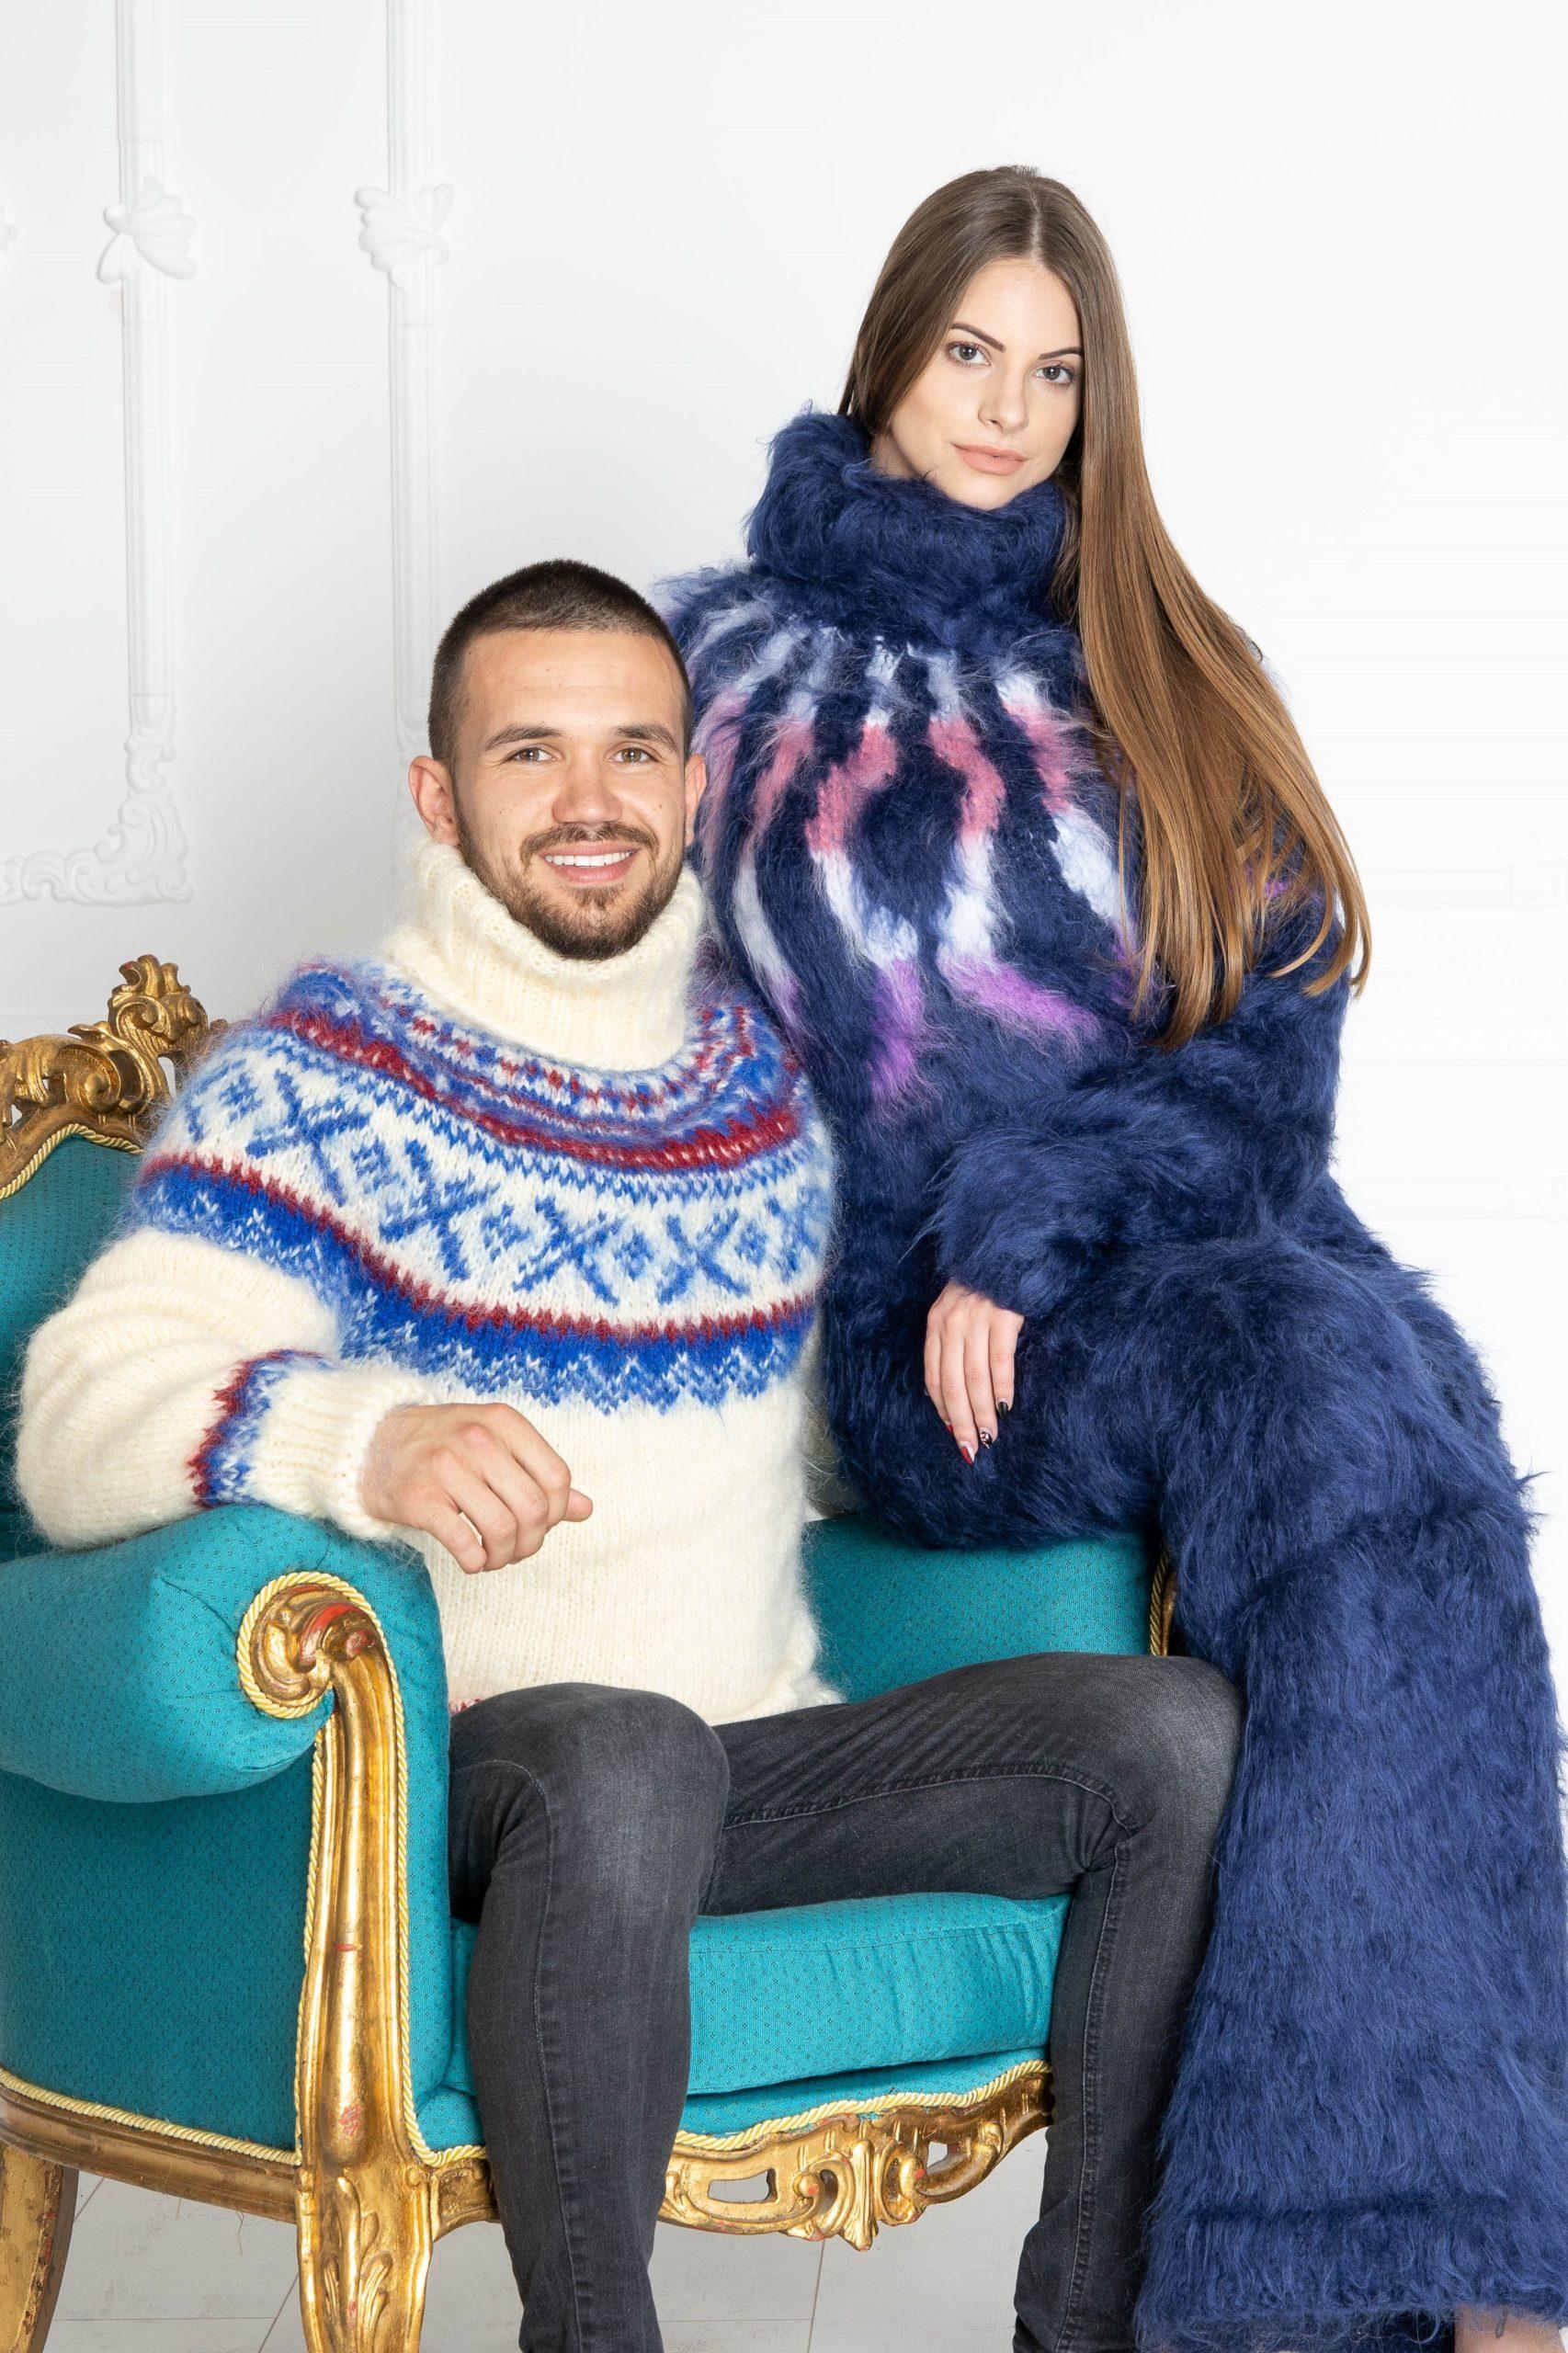 Gestrickte Pullover in bunten Farben